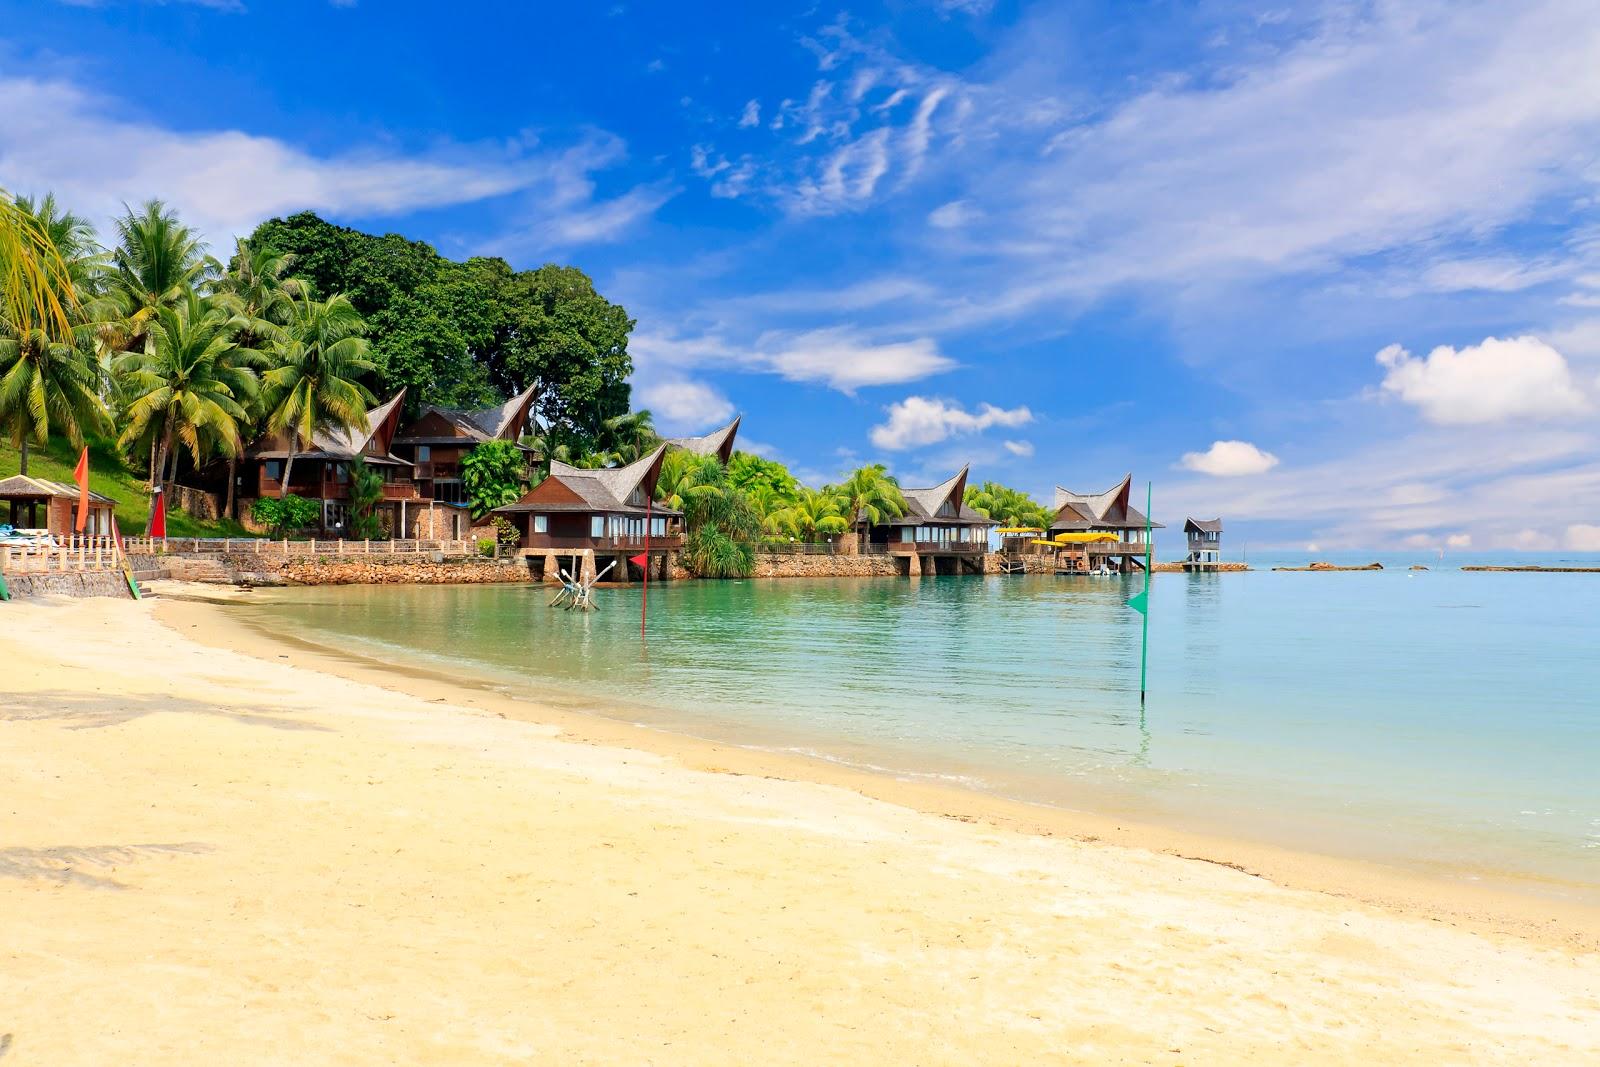 Beach Resort Batam Indonesia